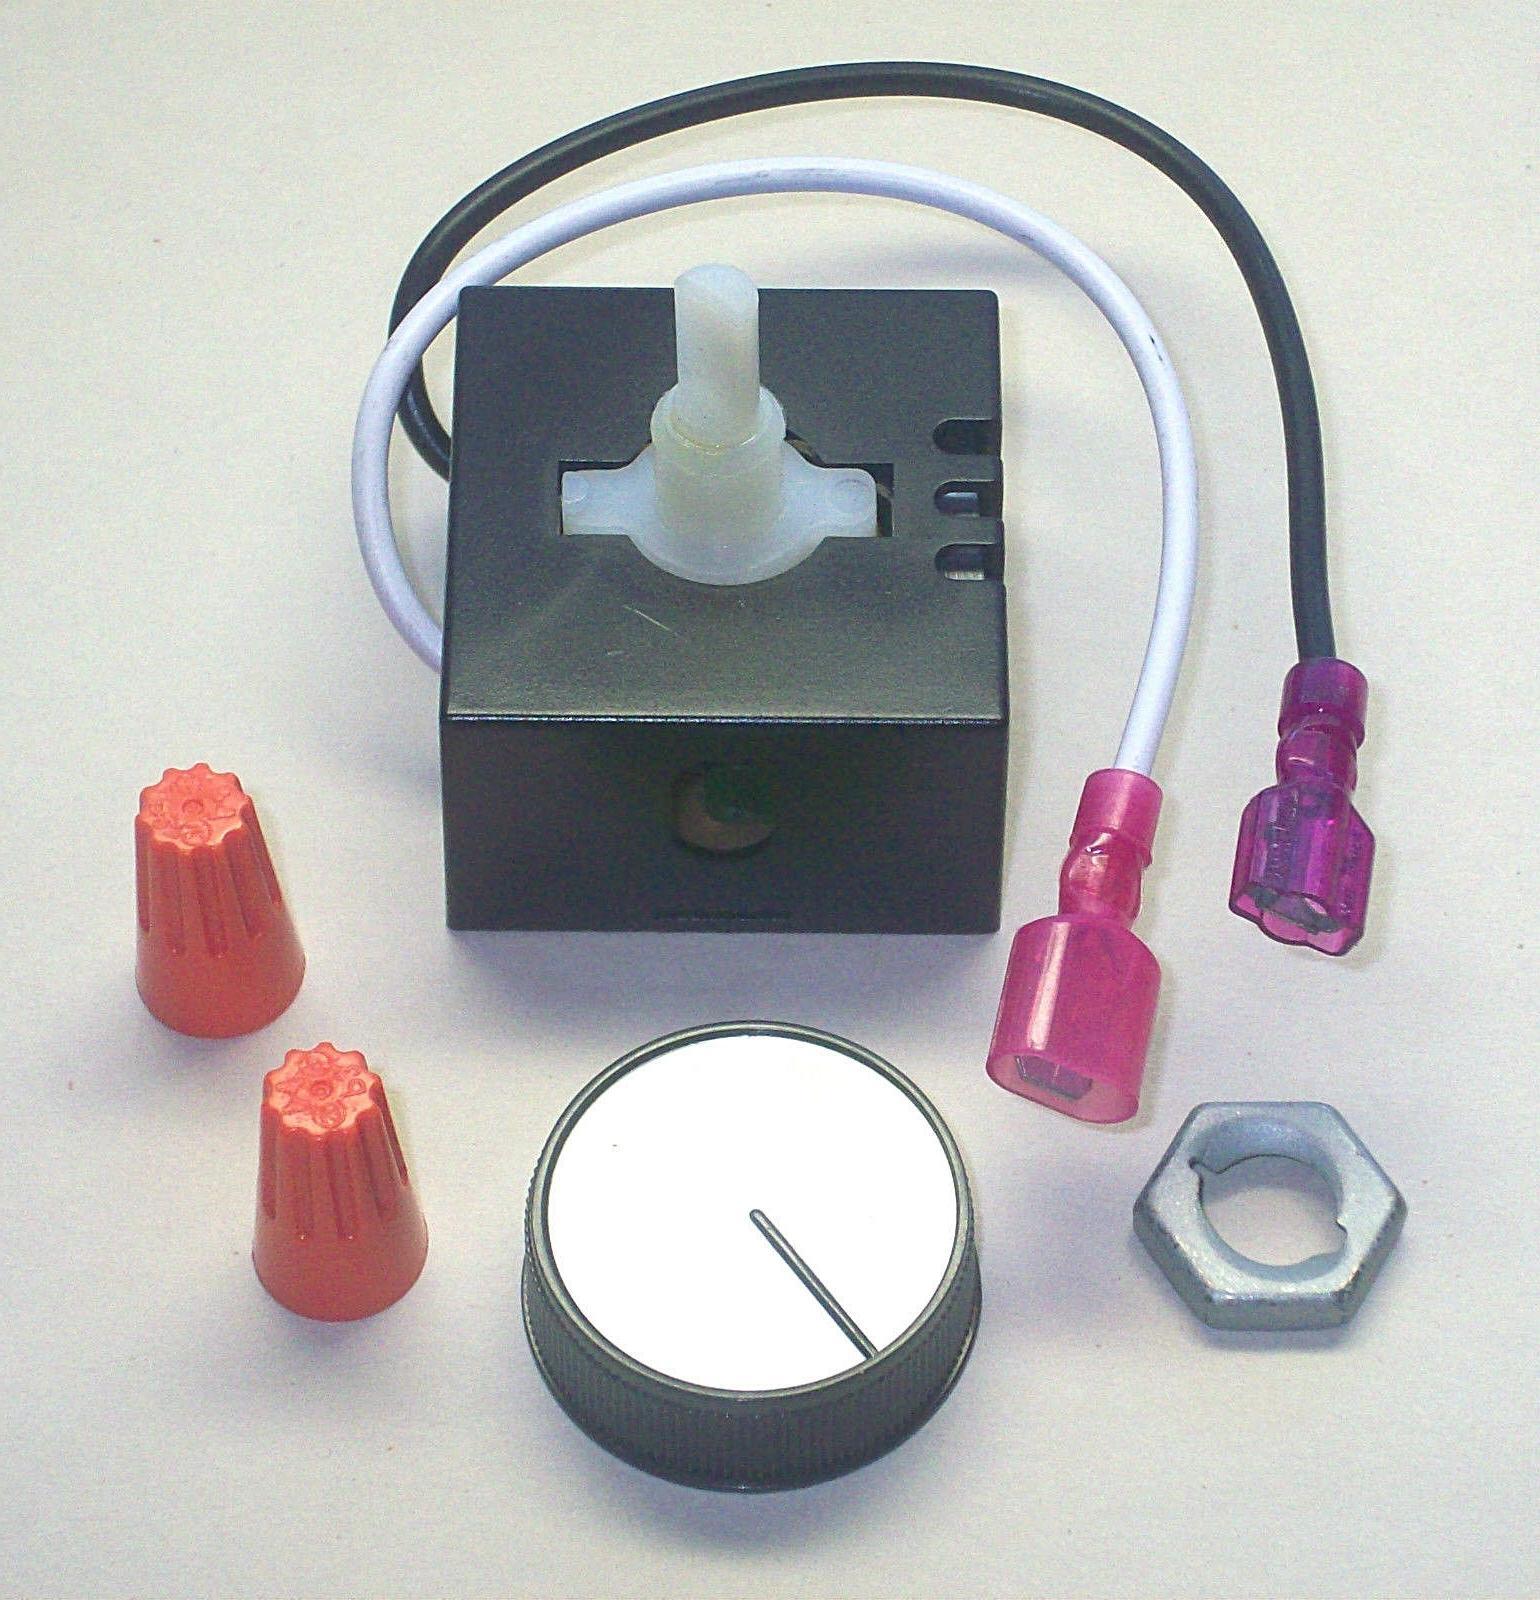 st croix pellet stove 80p20039 r convection